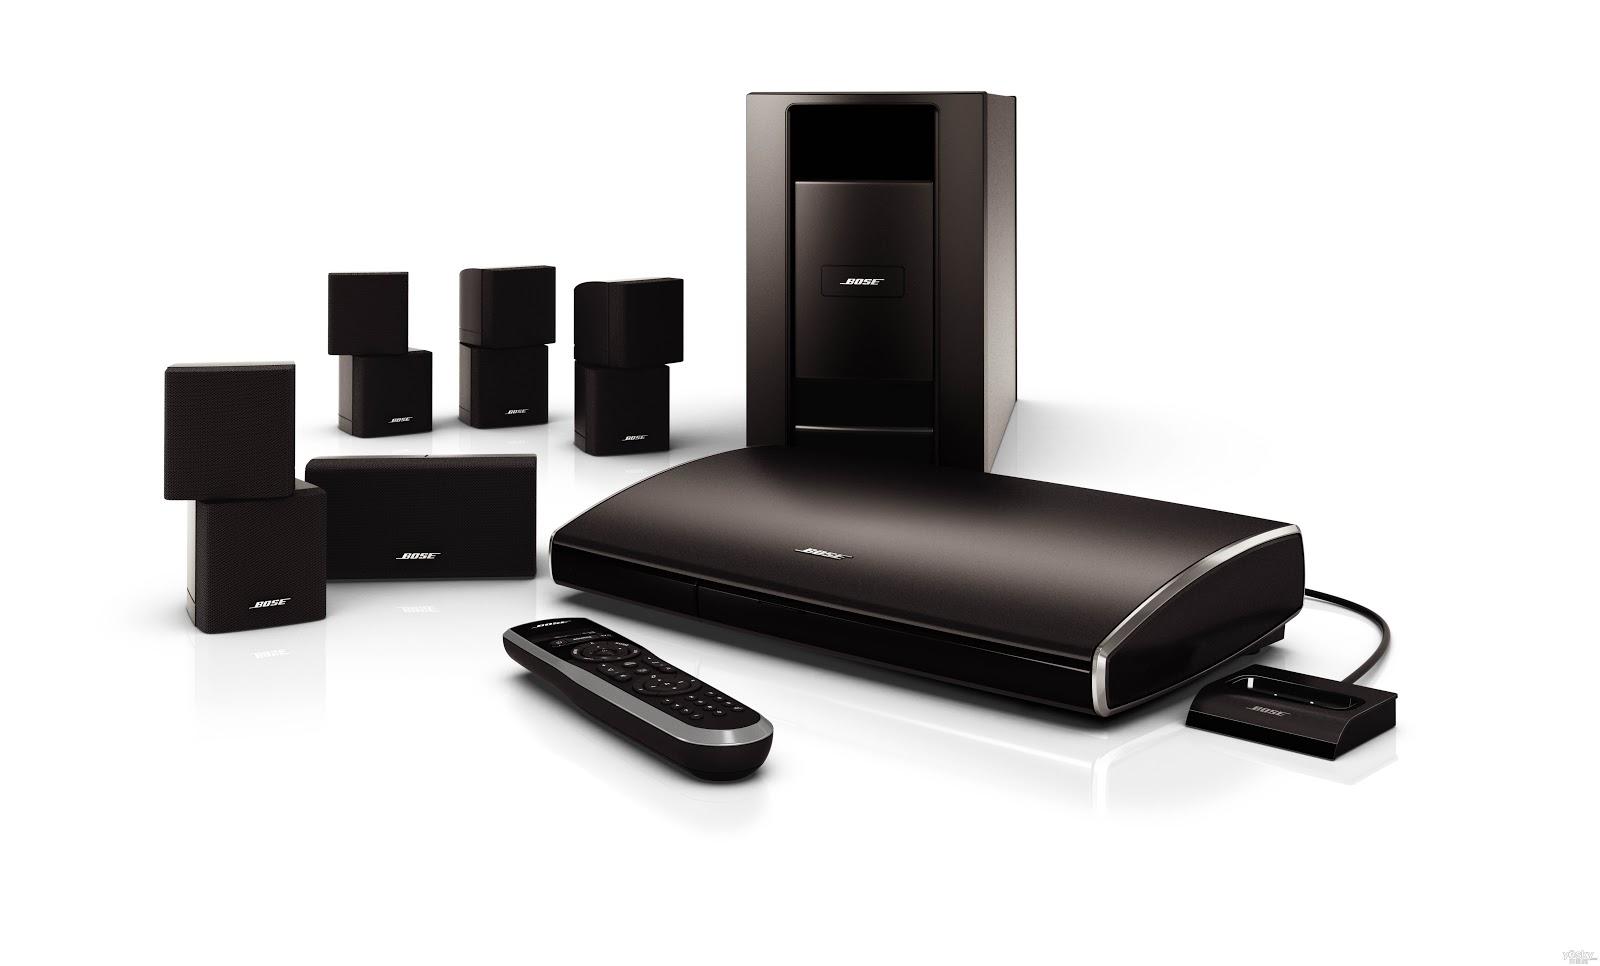 nouvelle technologie gadget high tech test home cinema bose lifestyle v35. Black Bedroom Furniture Sets. Home Design Ideas